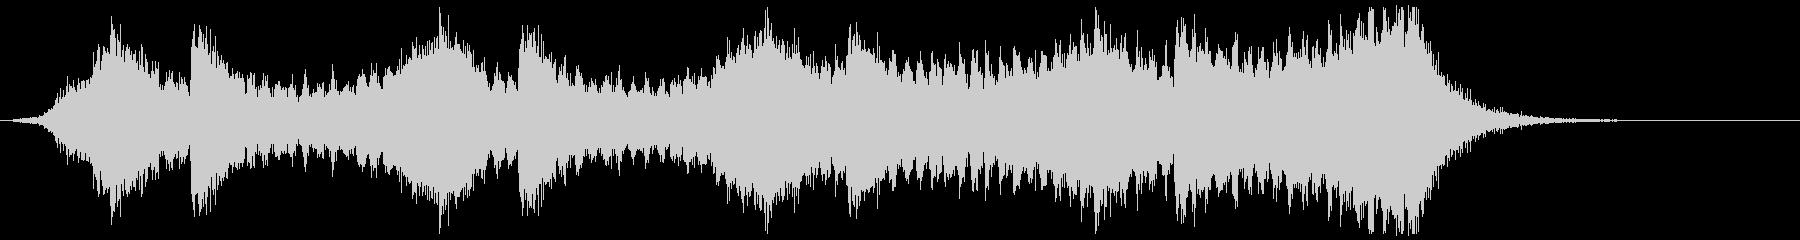 エピックなオーケストラ 分割07の未再生の波形